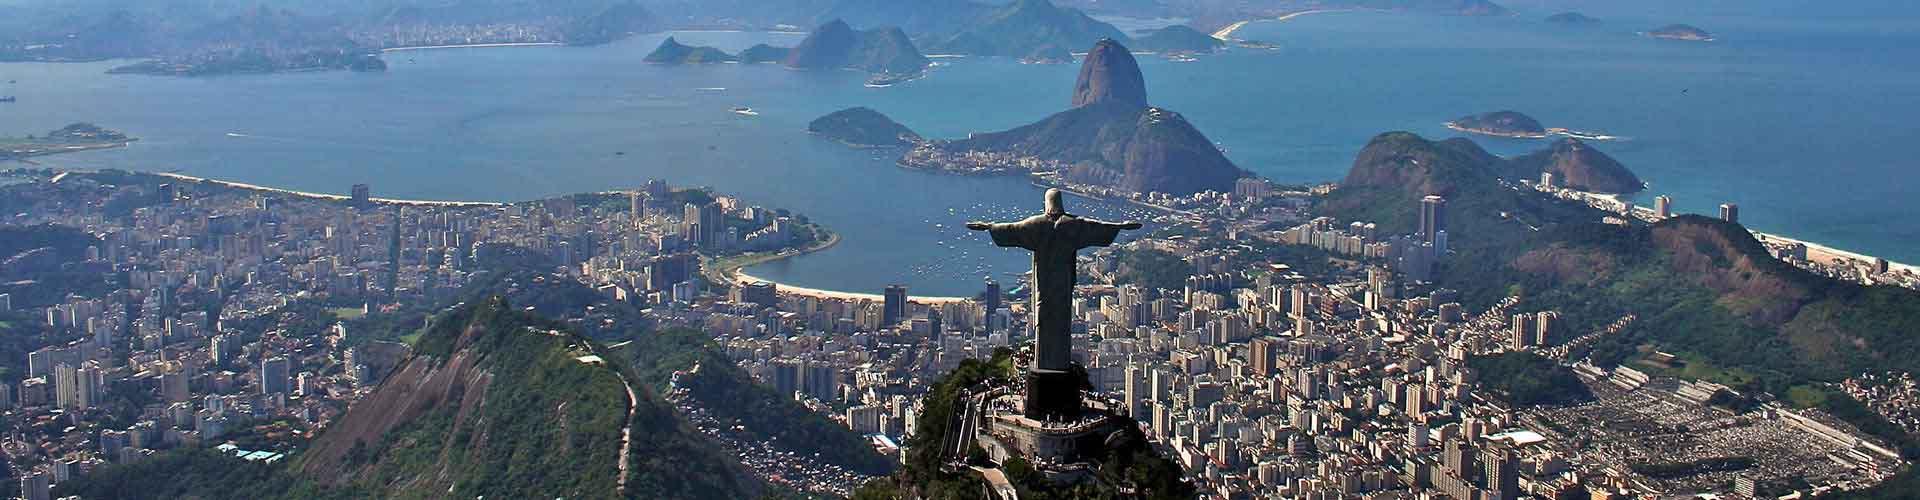 里约热内卢 – 基督像 附近的青年旅舍。里约热内卢地图,里约热内卢 所有青年旅馆的照片和评分。